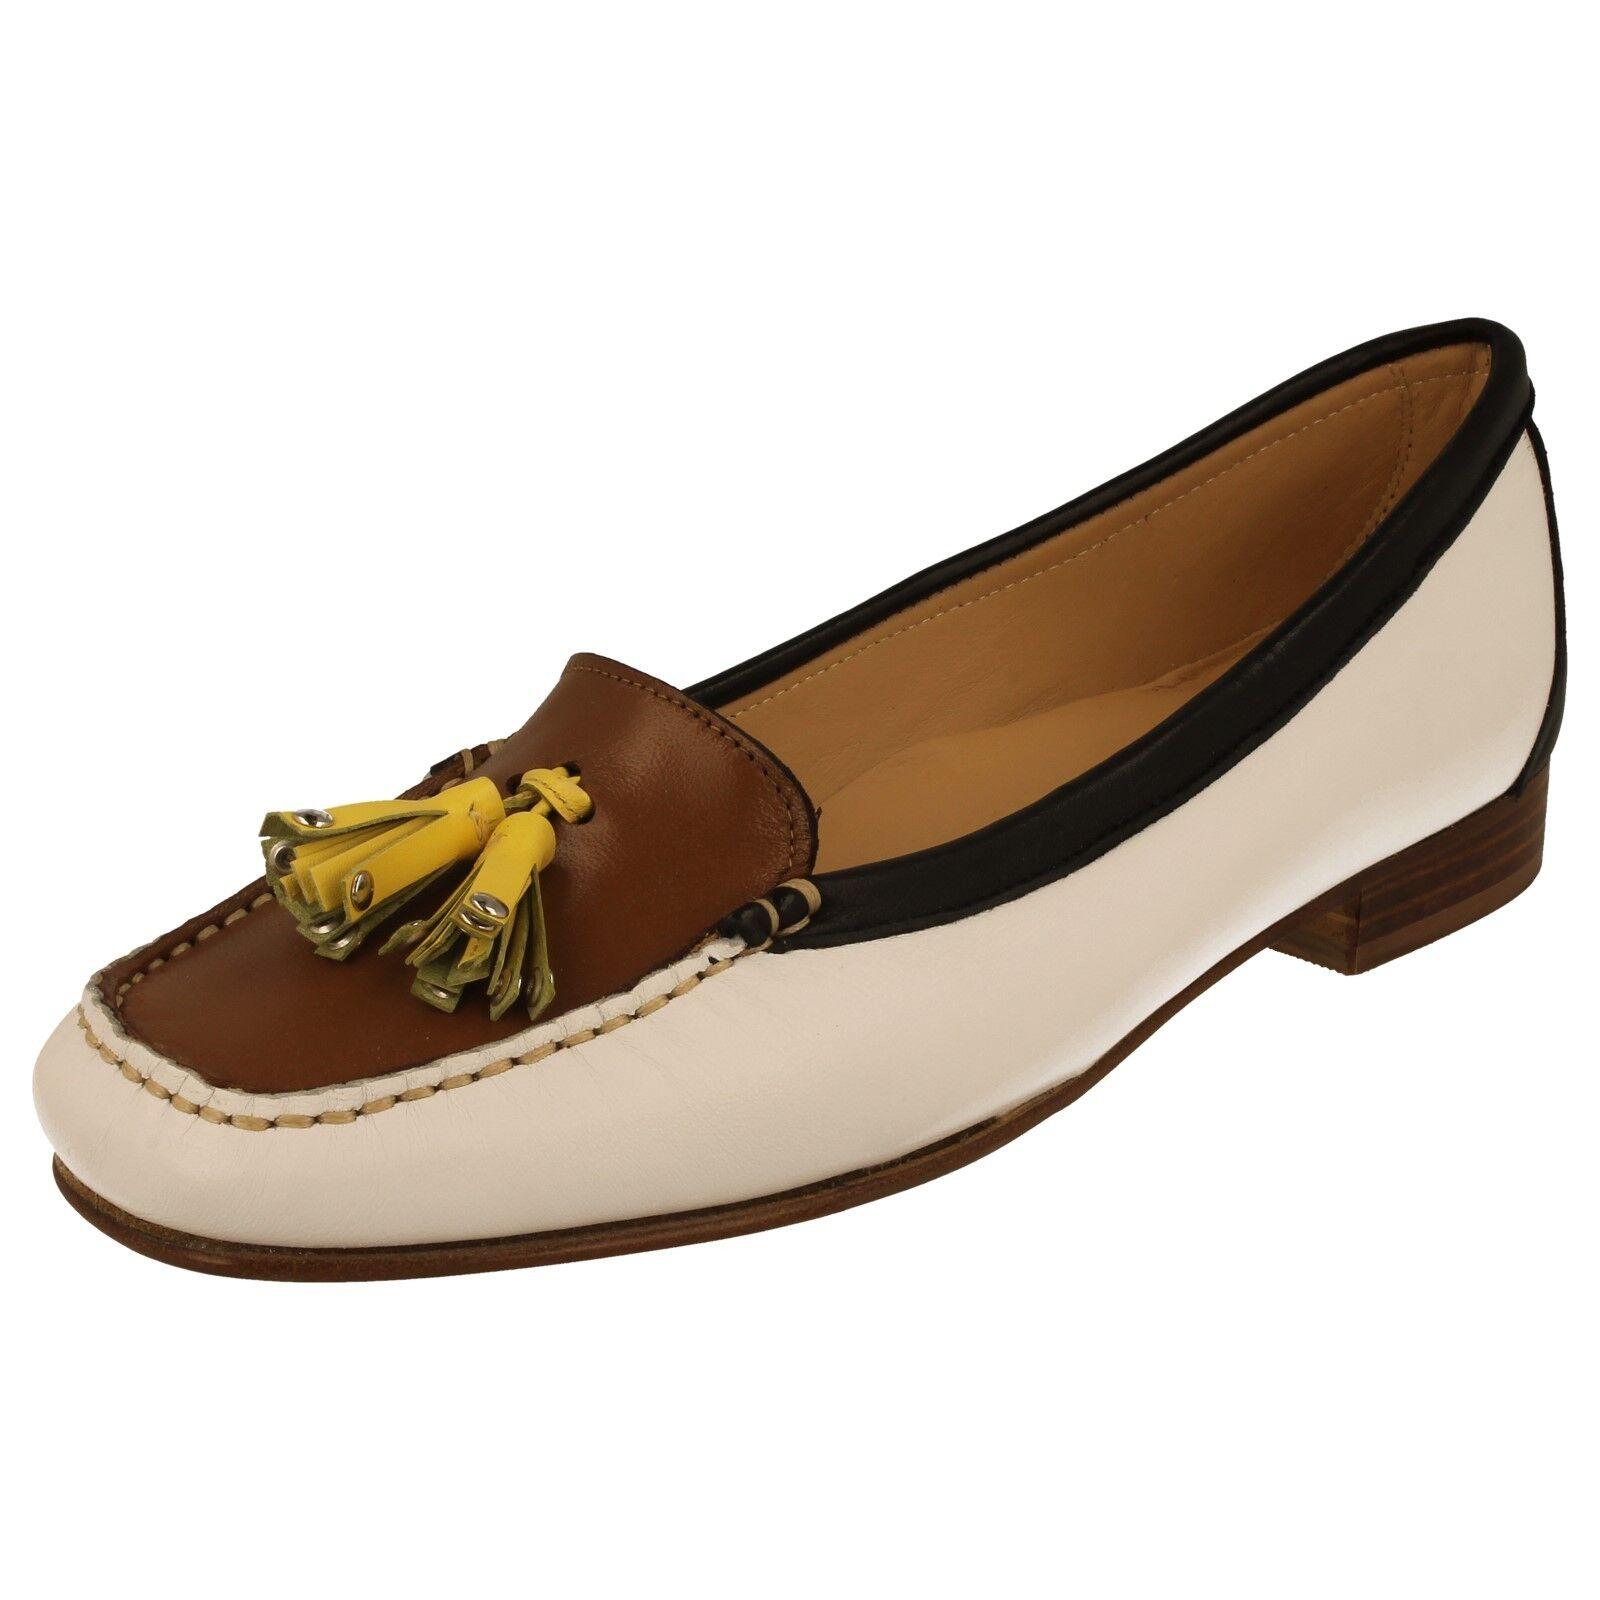 Hb chaussures femmes style - 398 couleurs-blanc-noir-jaune